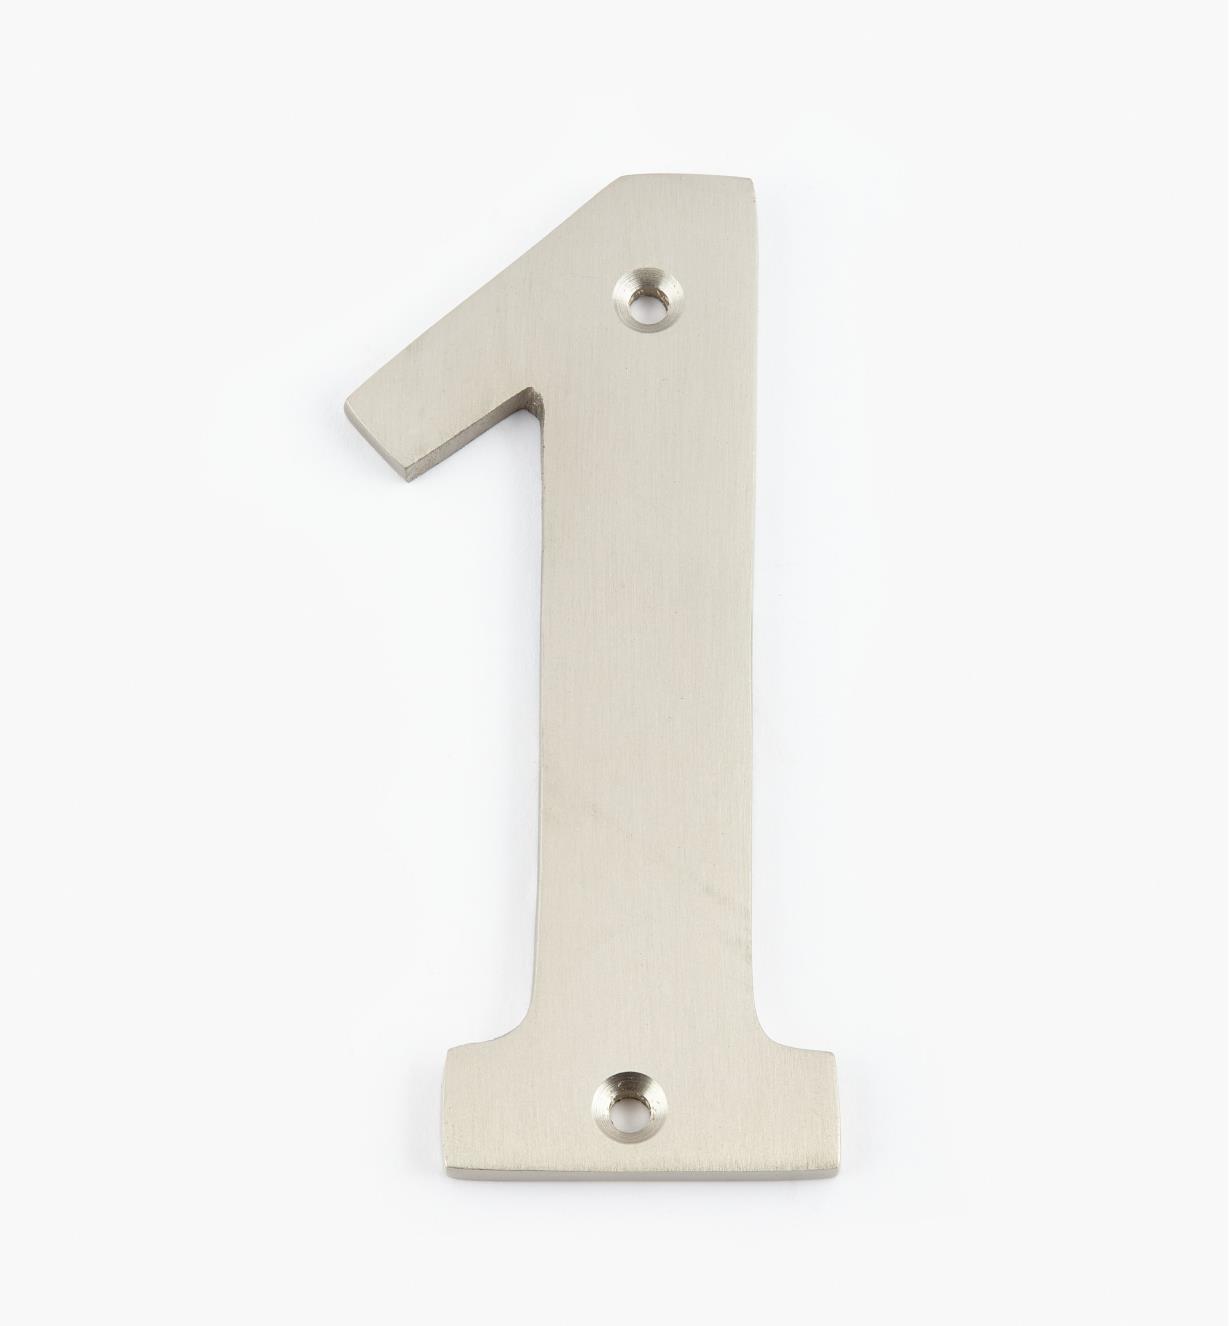 00W0561 - Chiffre de maison standard de 4po, fini nickel satiné –1